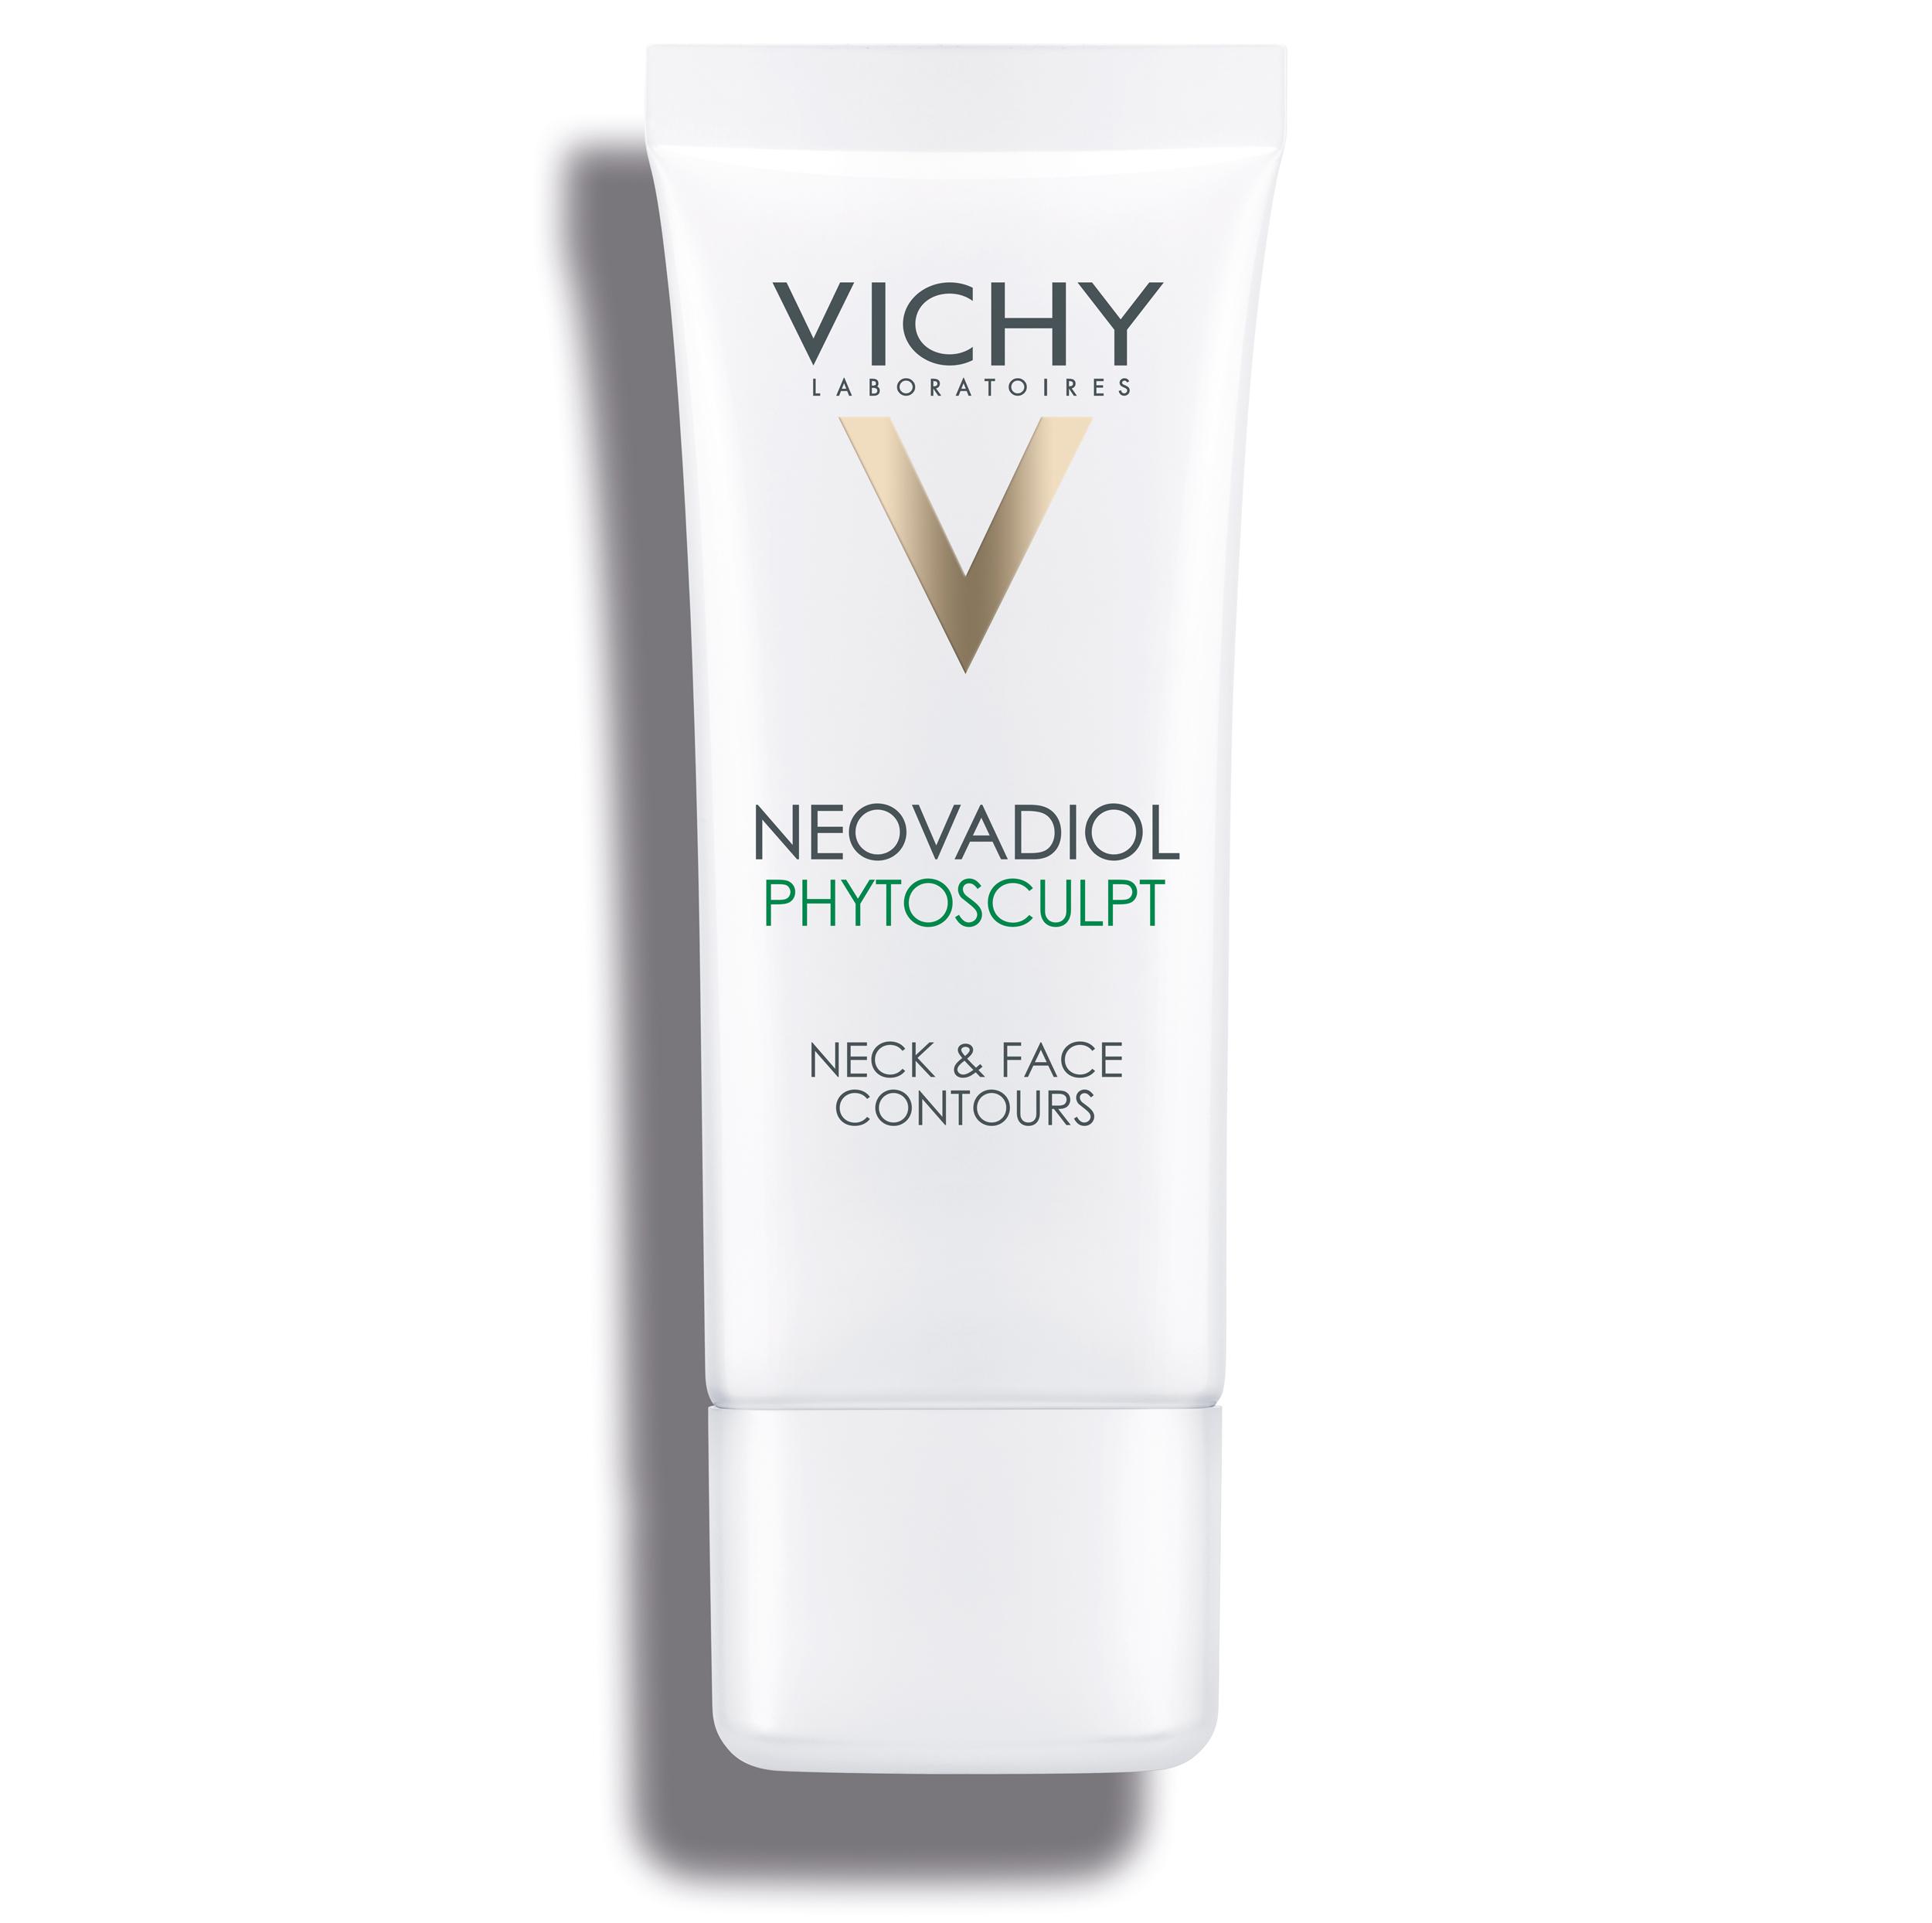 Vichy Neovadiol Phytosculpt Neck & Face, £30/AED134.66